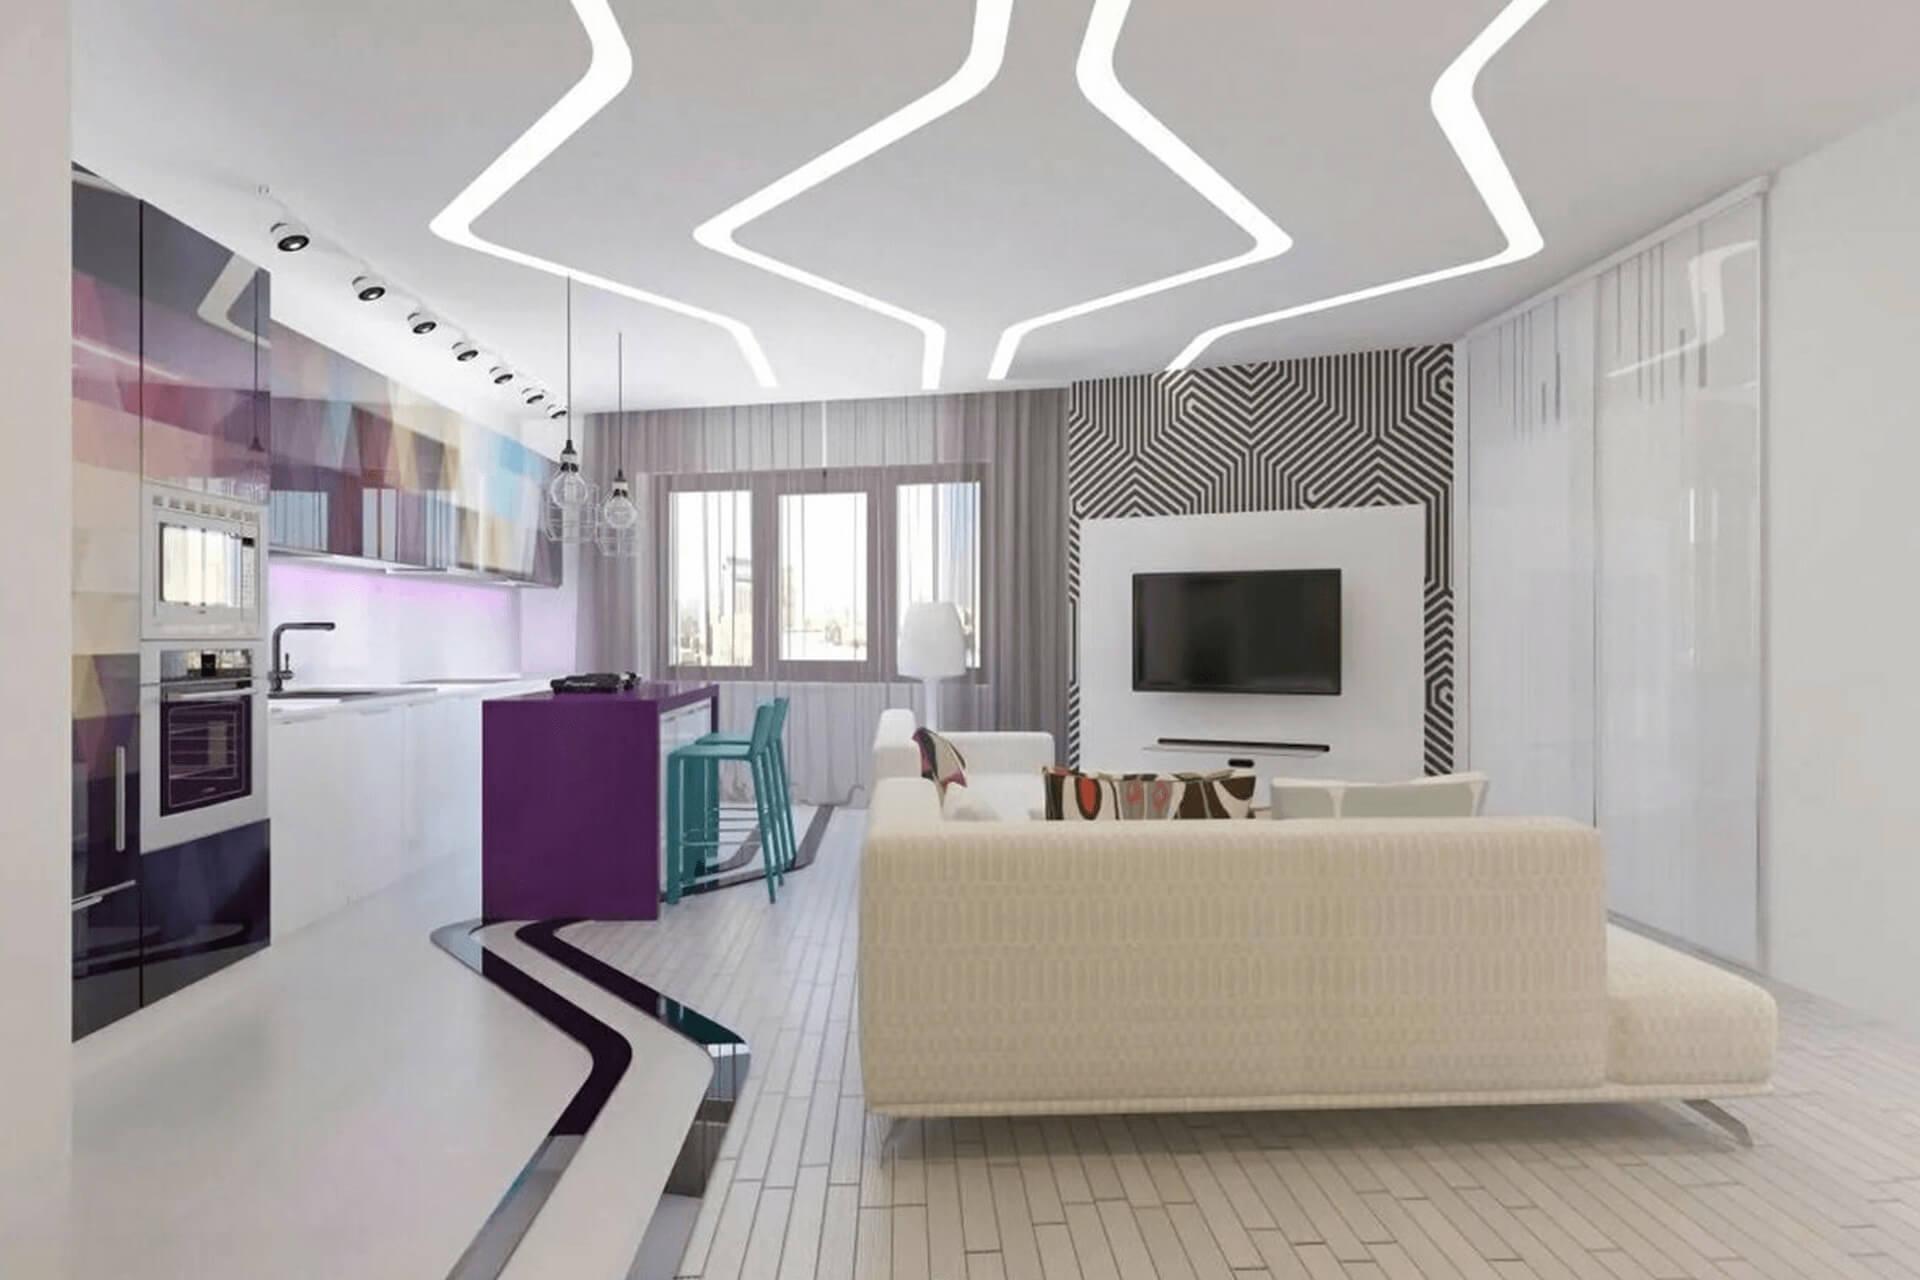 Криволинейные световые линии на потолке в гостиной